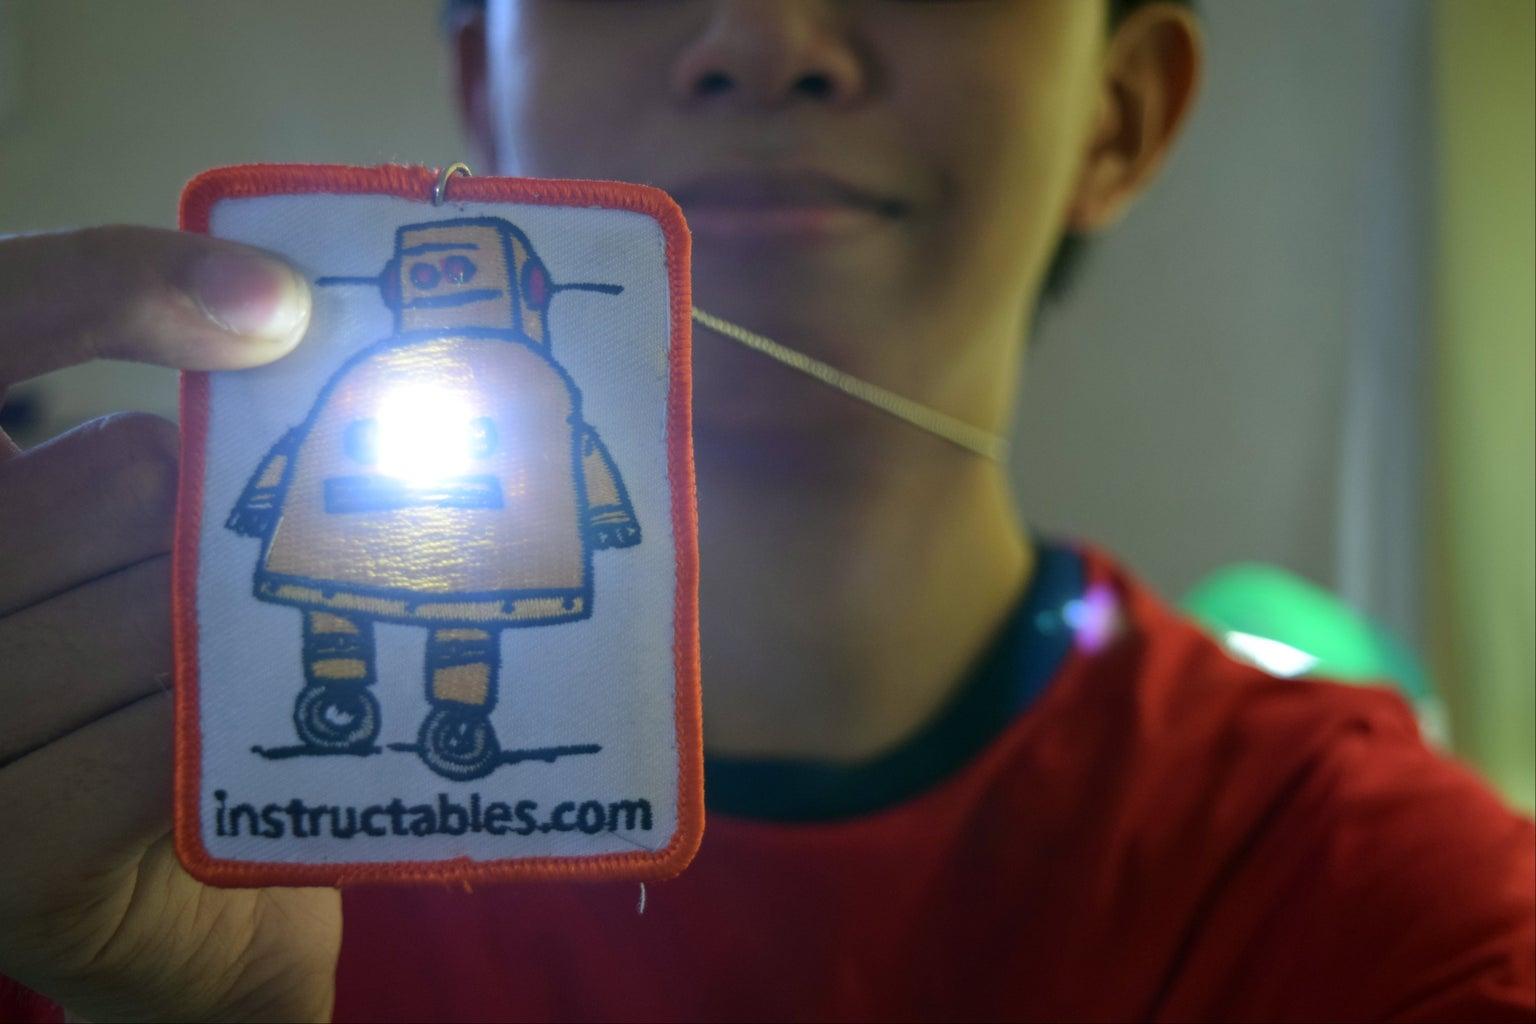 LightBuddy: a Superbright LED Necklace